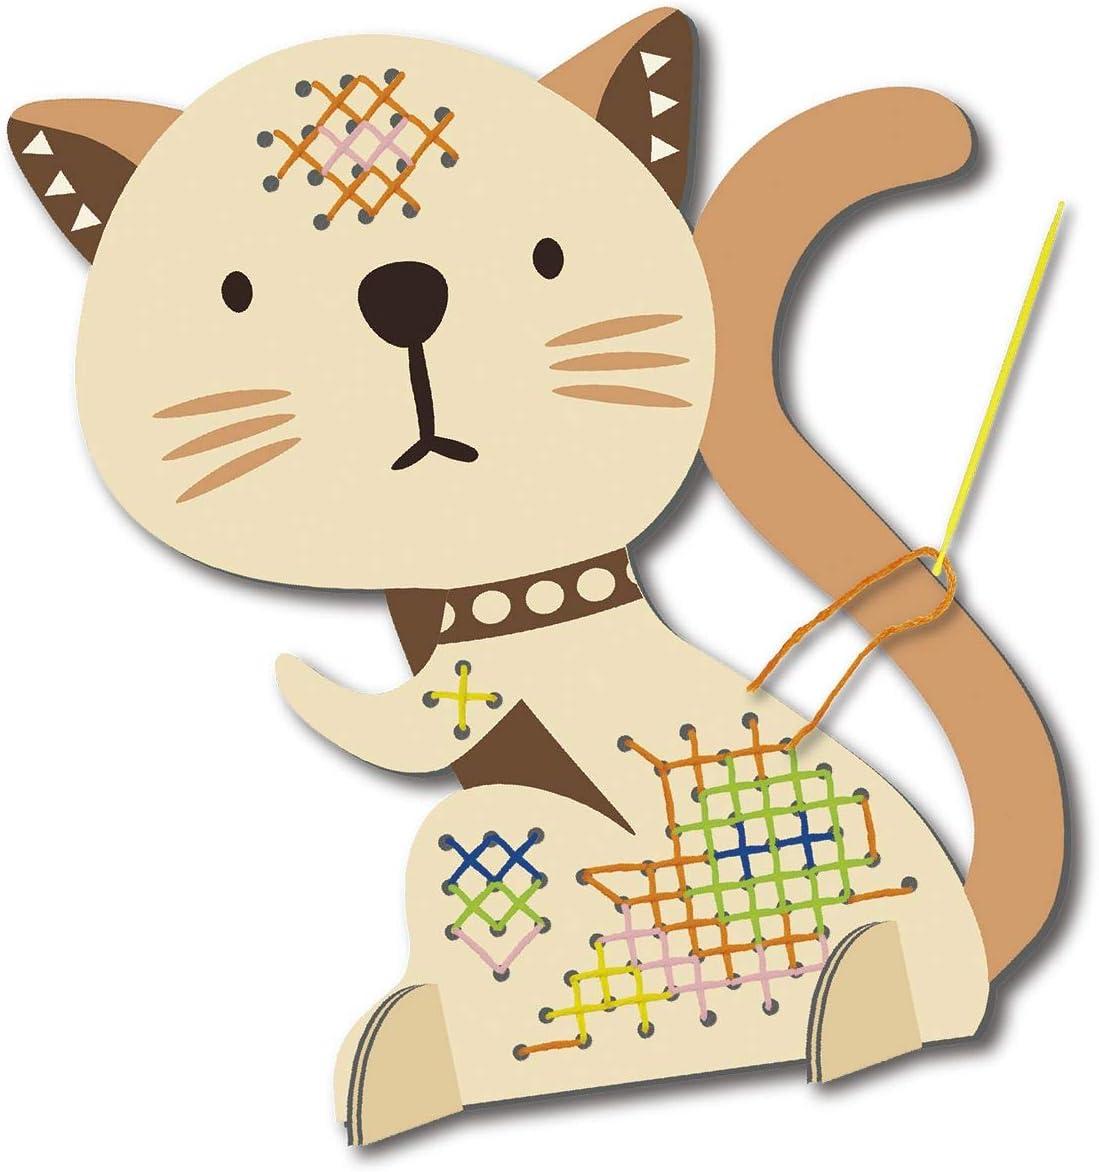 Bastelset f/ür Kinder ab 5 Jahre Kunststoff Mein erstes Stickbild Nadel Tiermotiv Komplettset mit Bildvorlage in Tierform MAMMUT 161006 5x Garn und Anleitung Katze